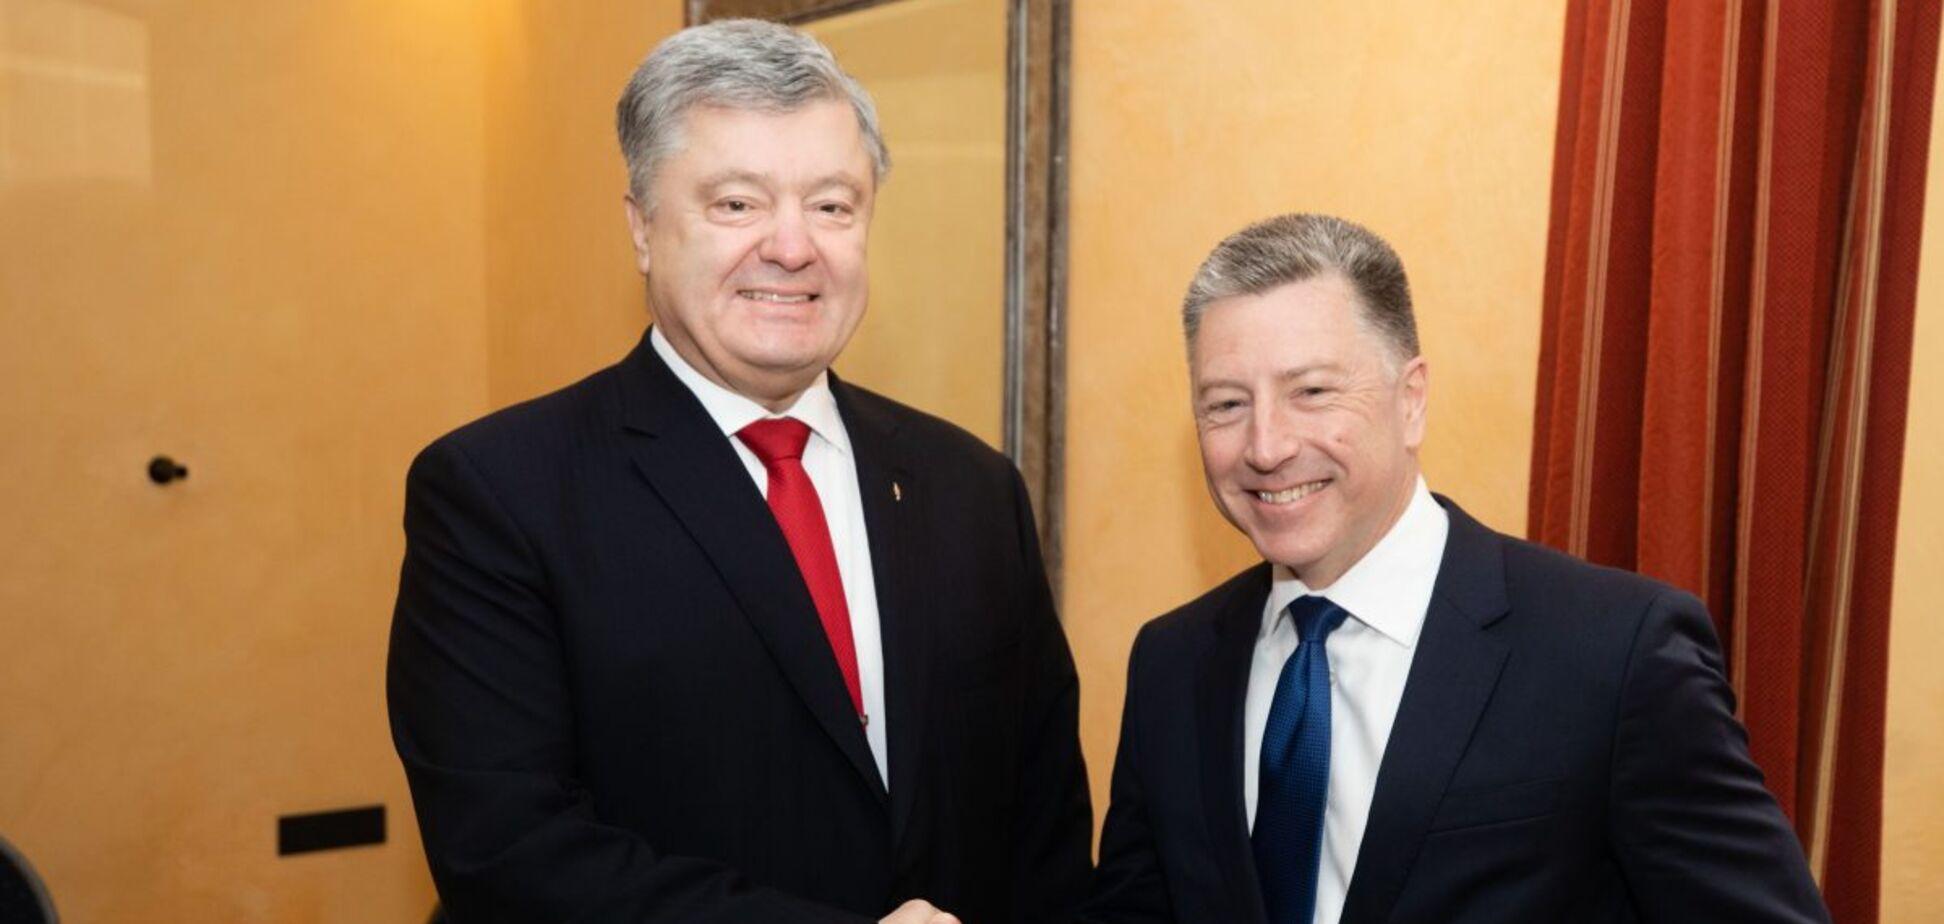 Волкер: Порошенко восстановил армию Украины и остановил агрессию Путина